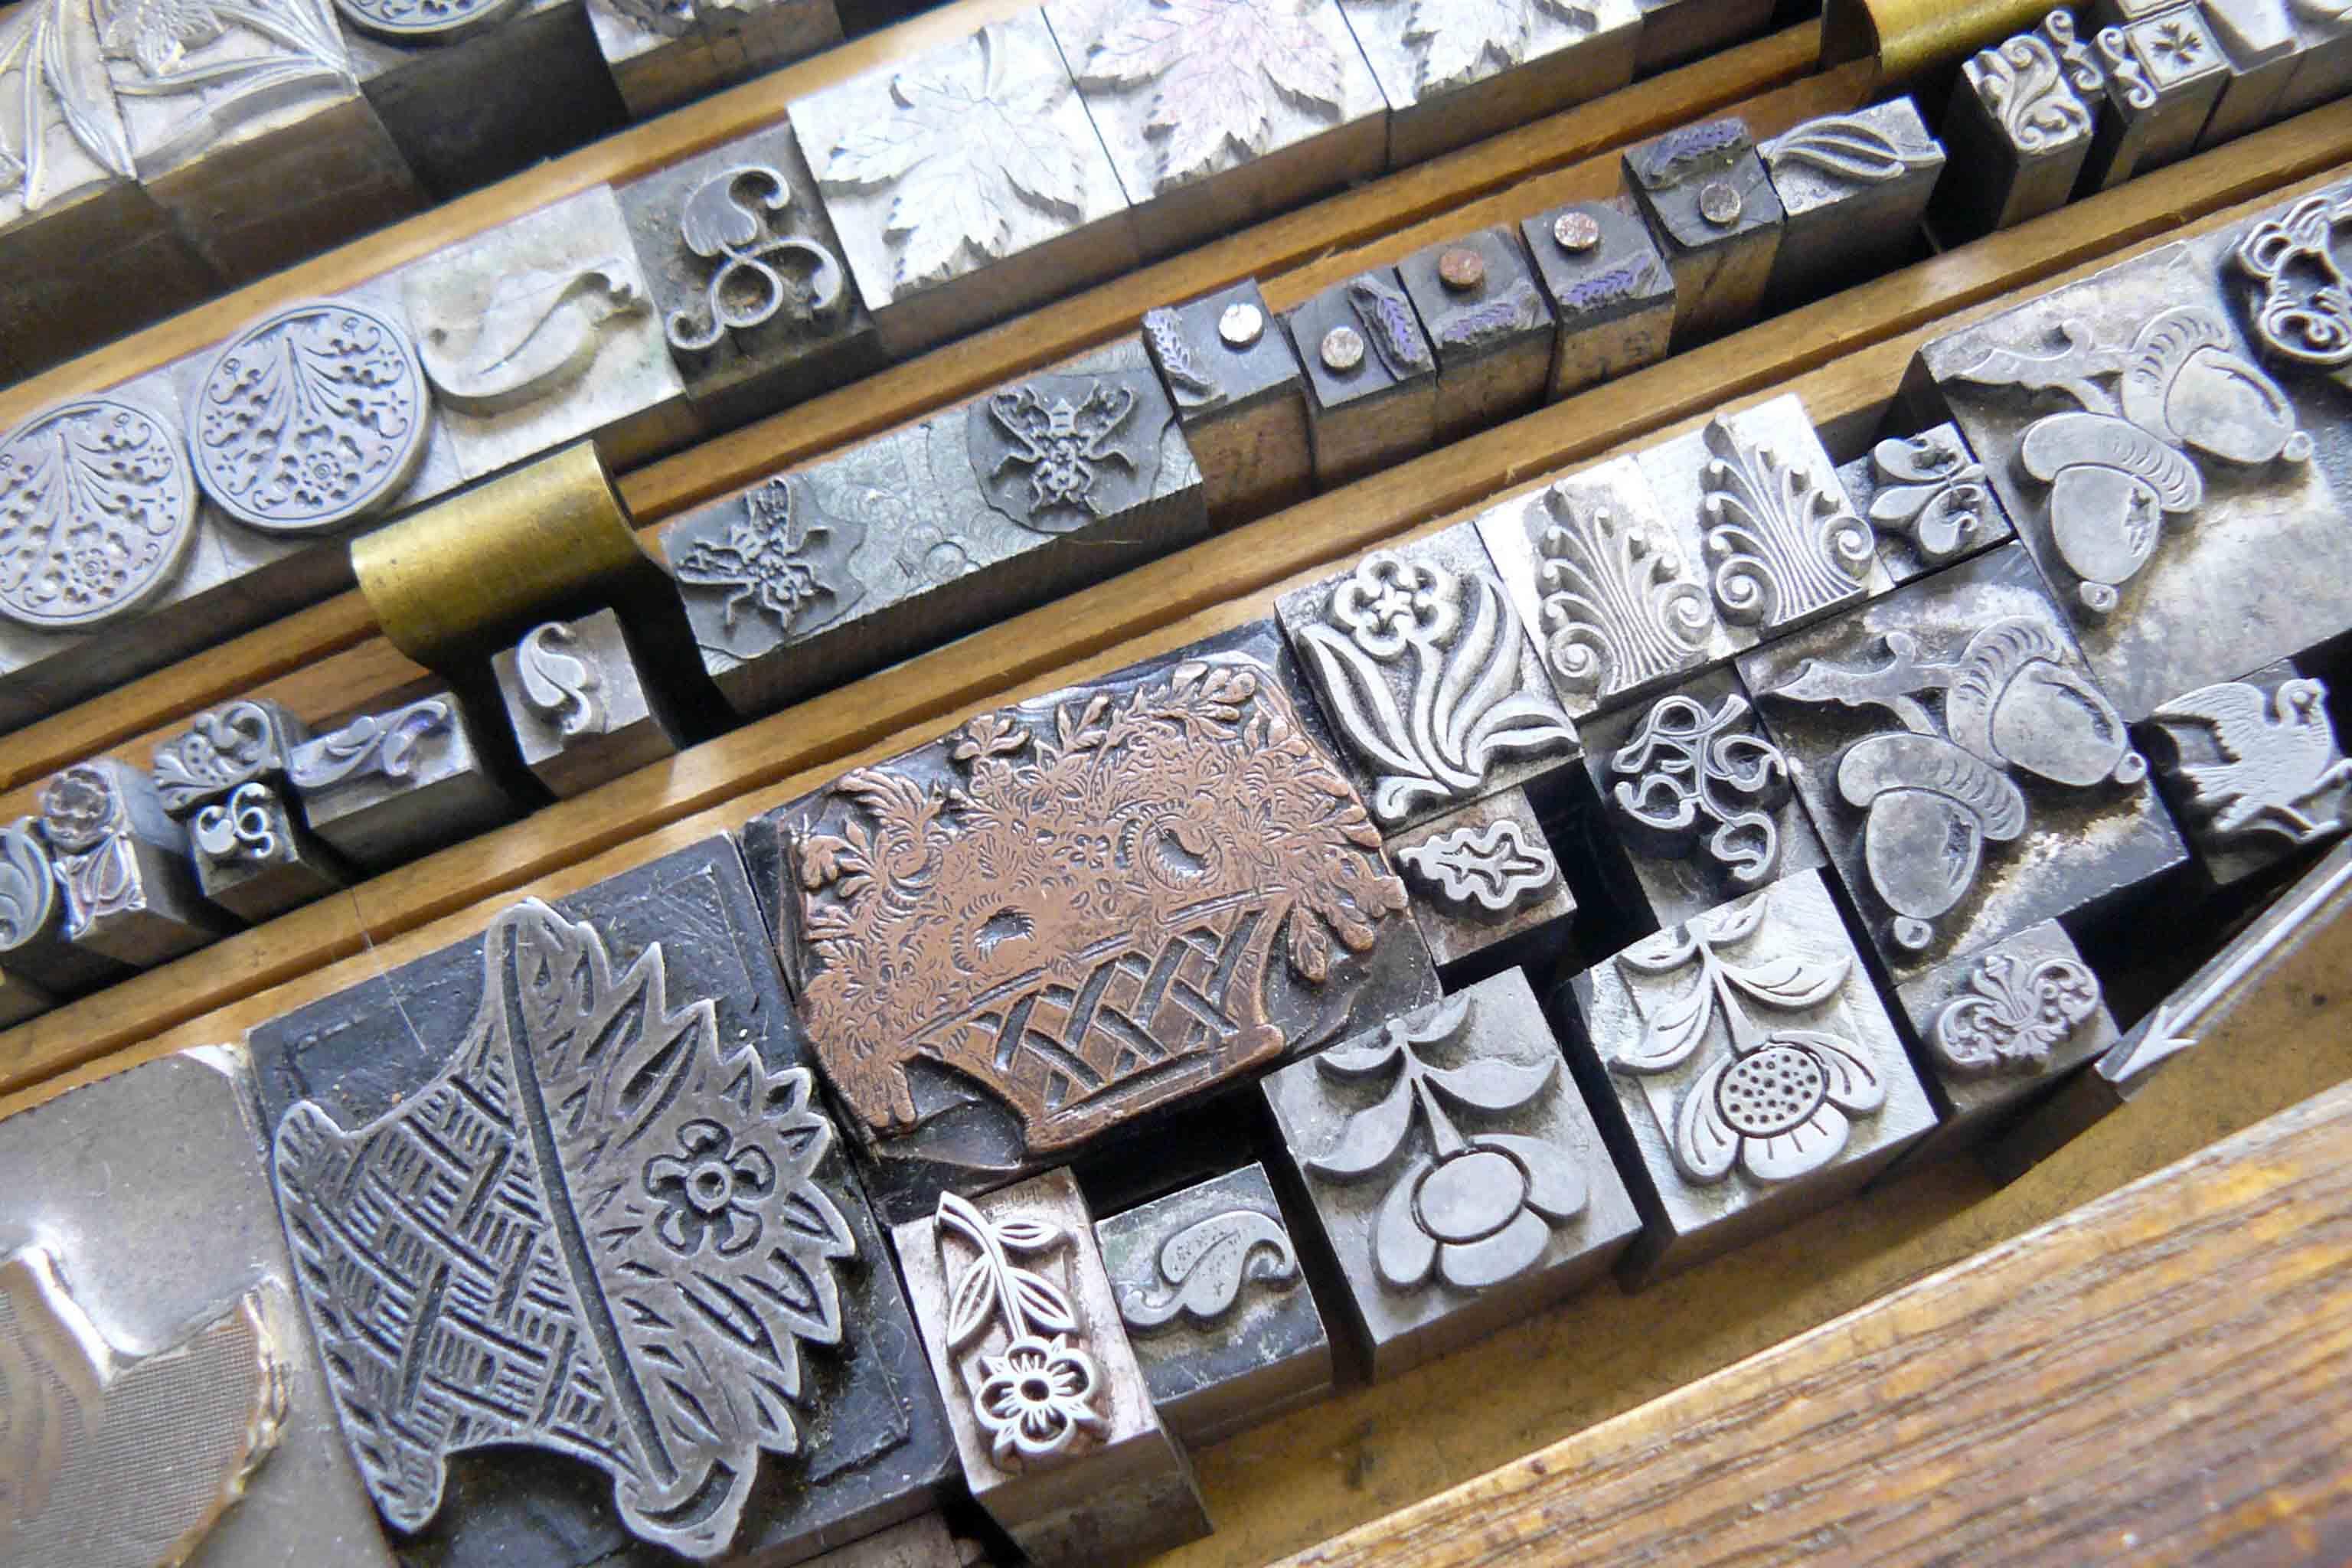 Scenes from a Letterpress Printshop — My Beautiful Old Lead Type.